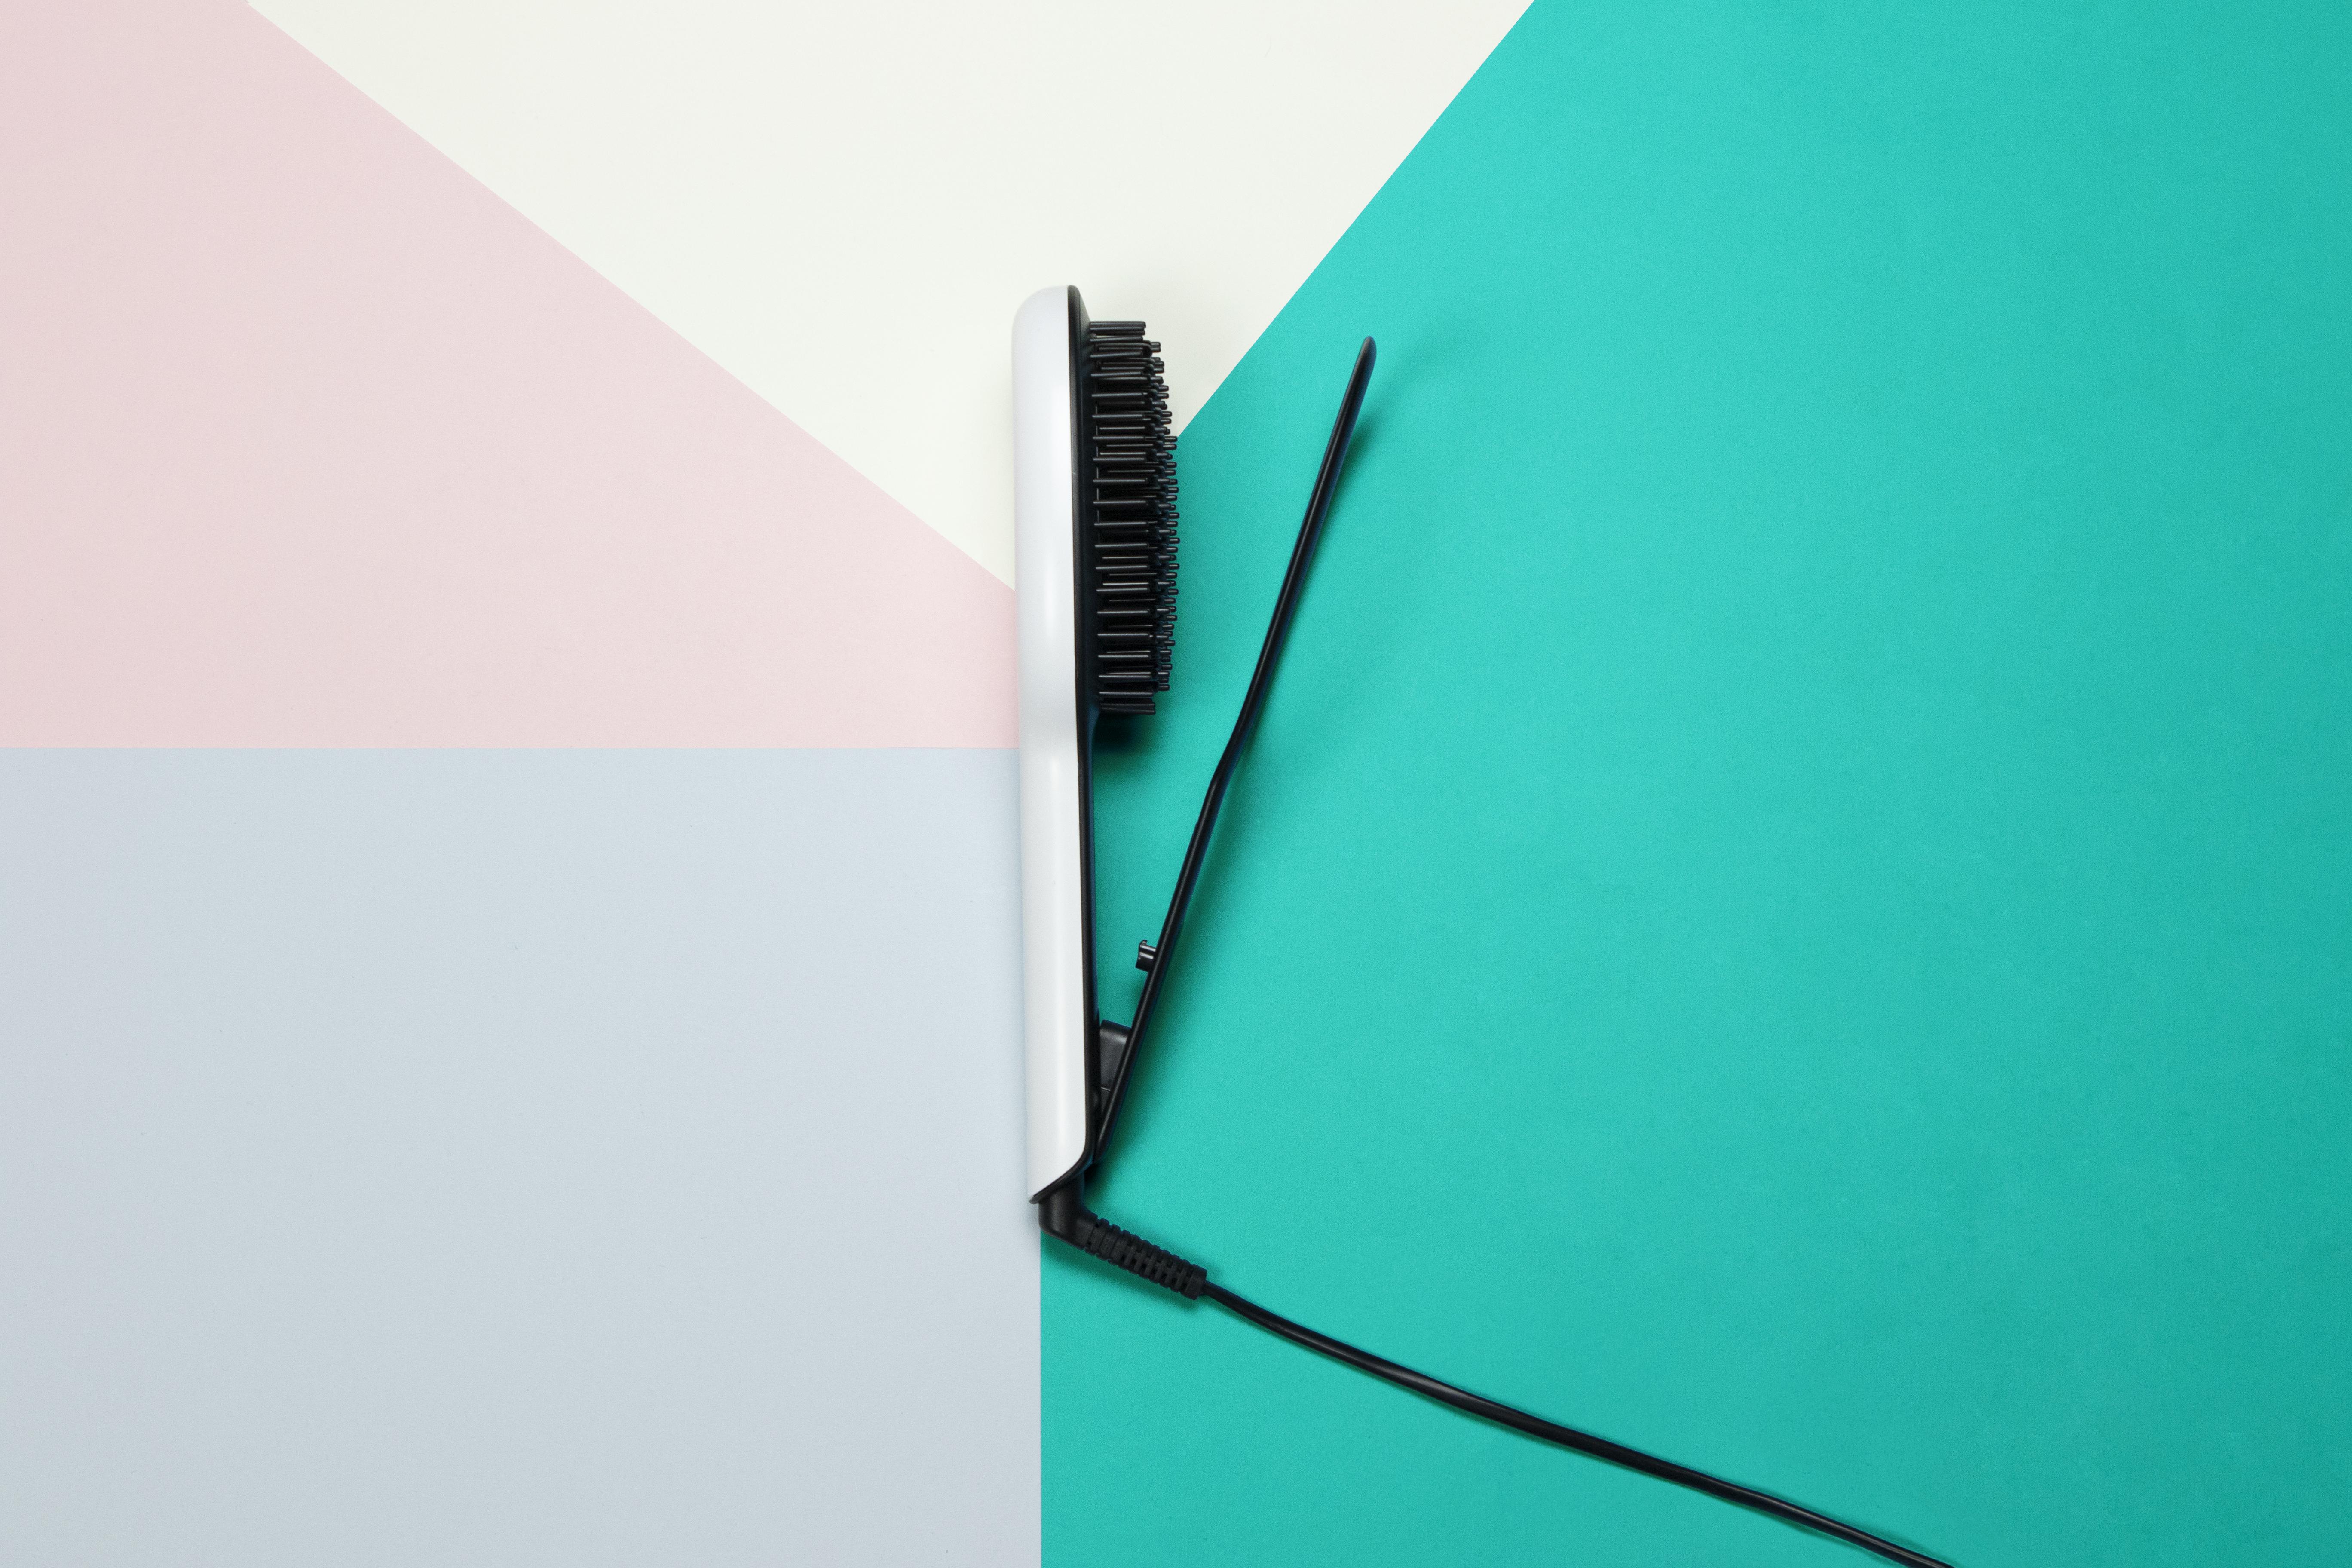 GLOSSIE Ceramic Straightening Brush